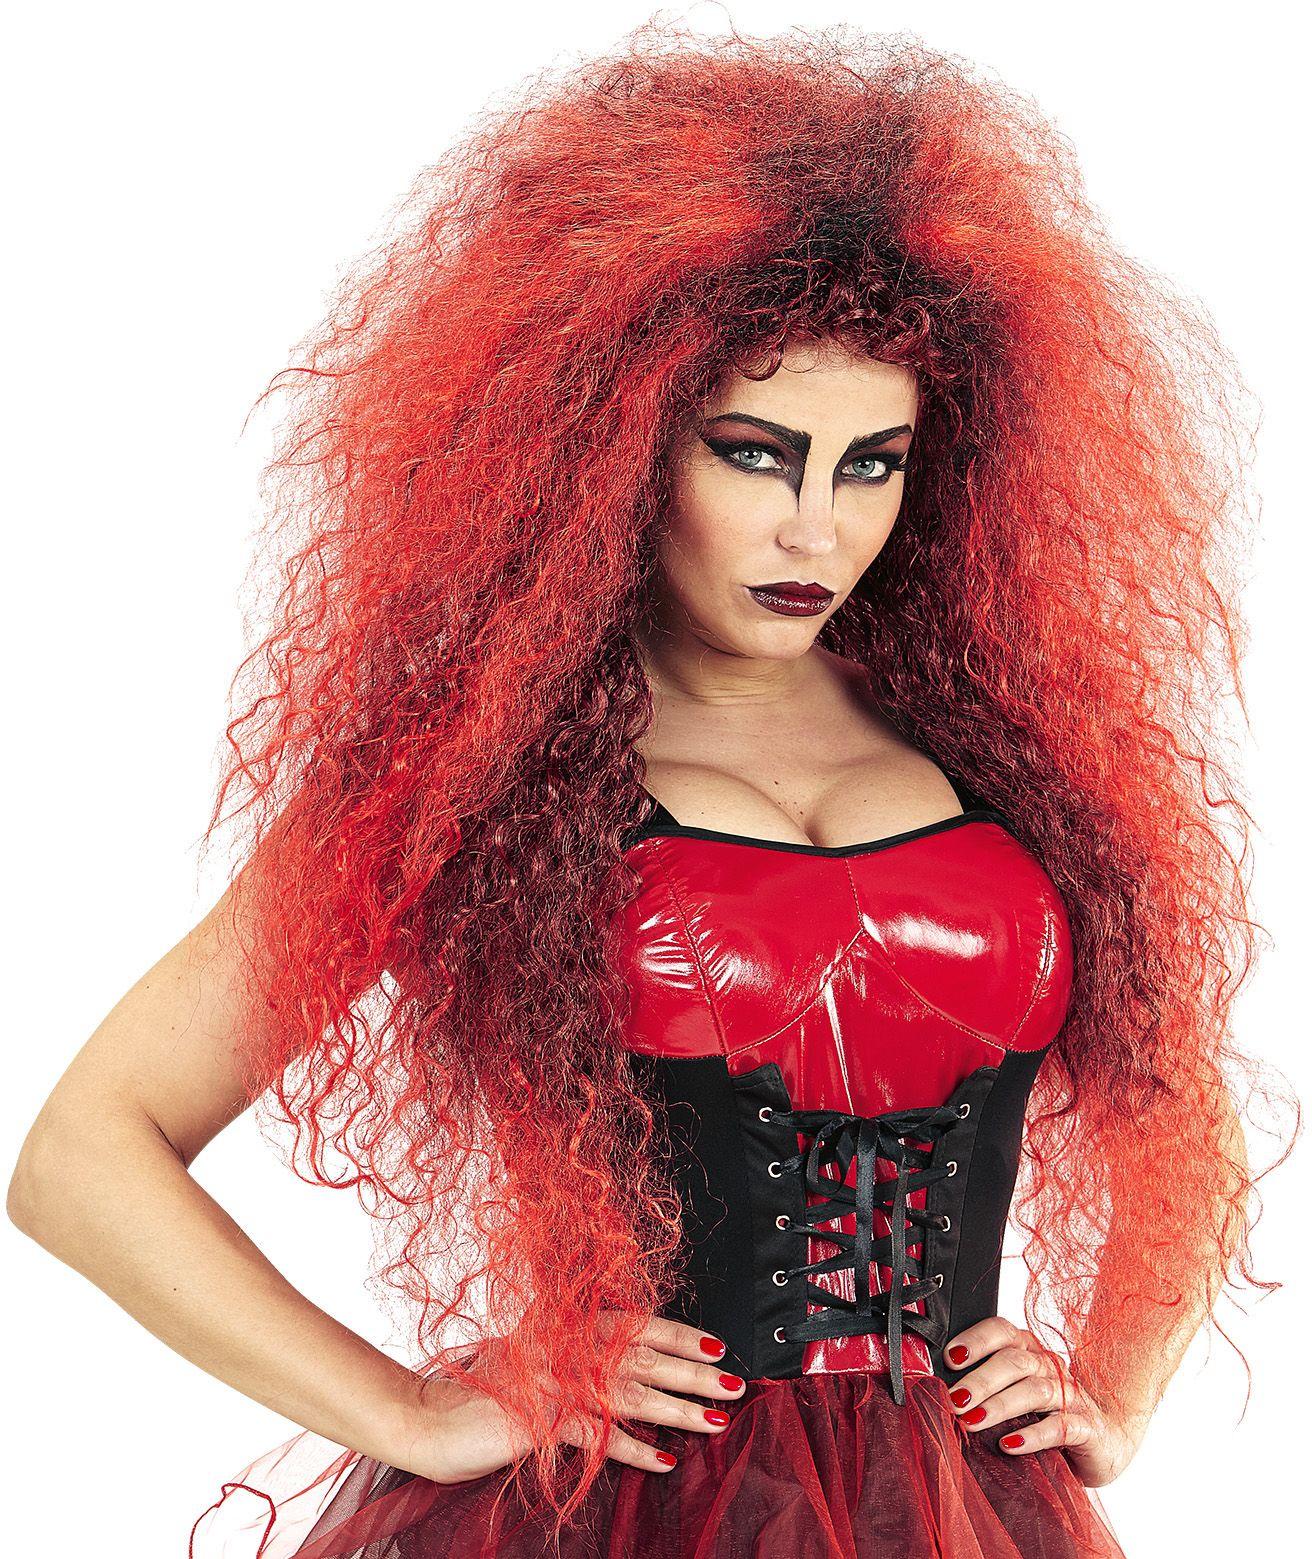 Rode duivel pruik